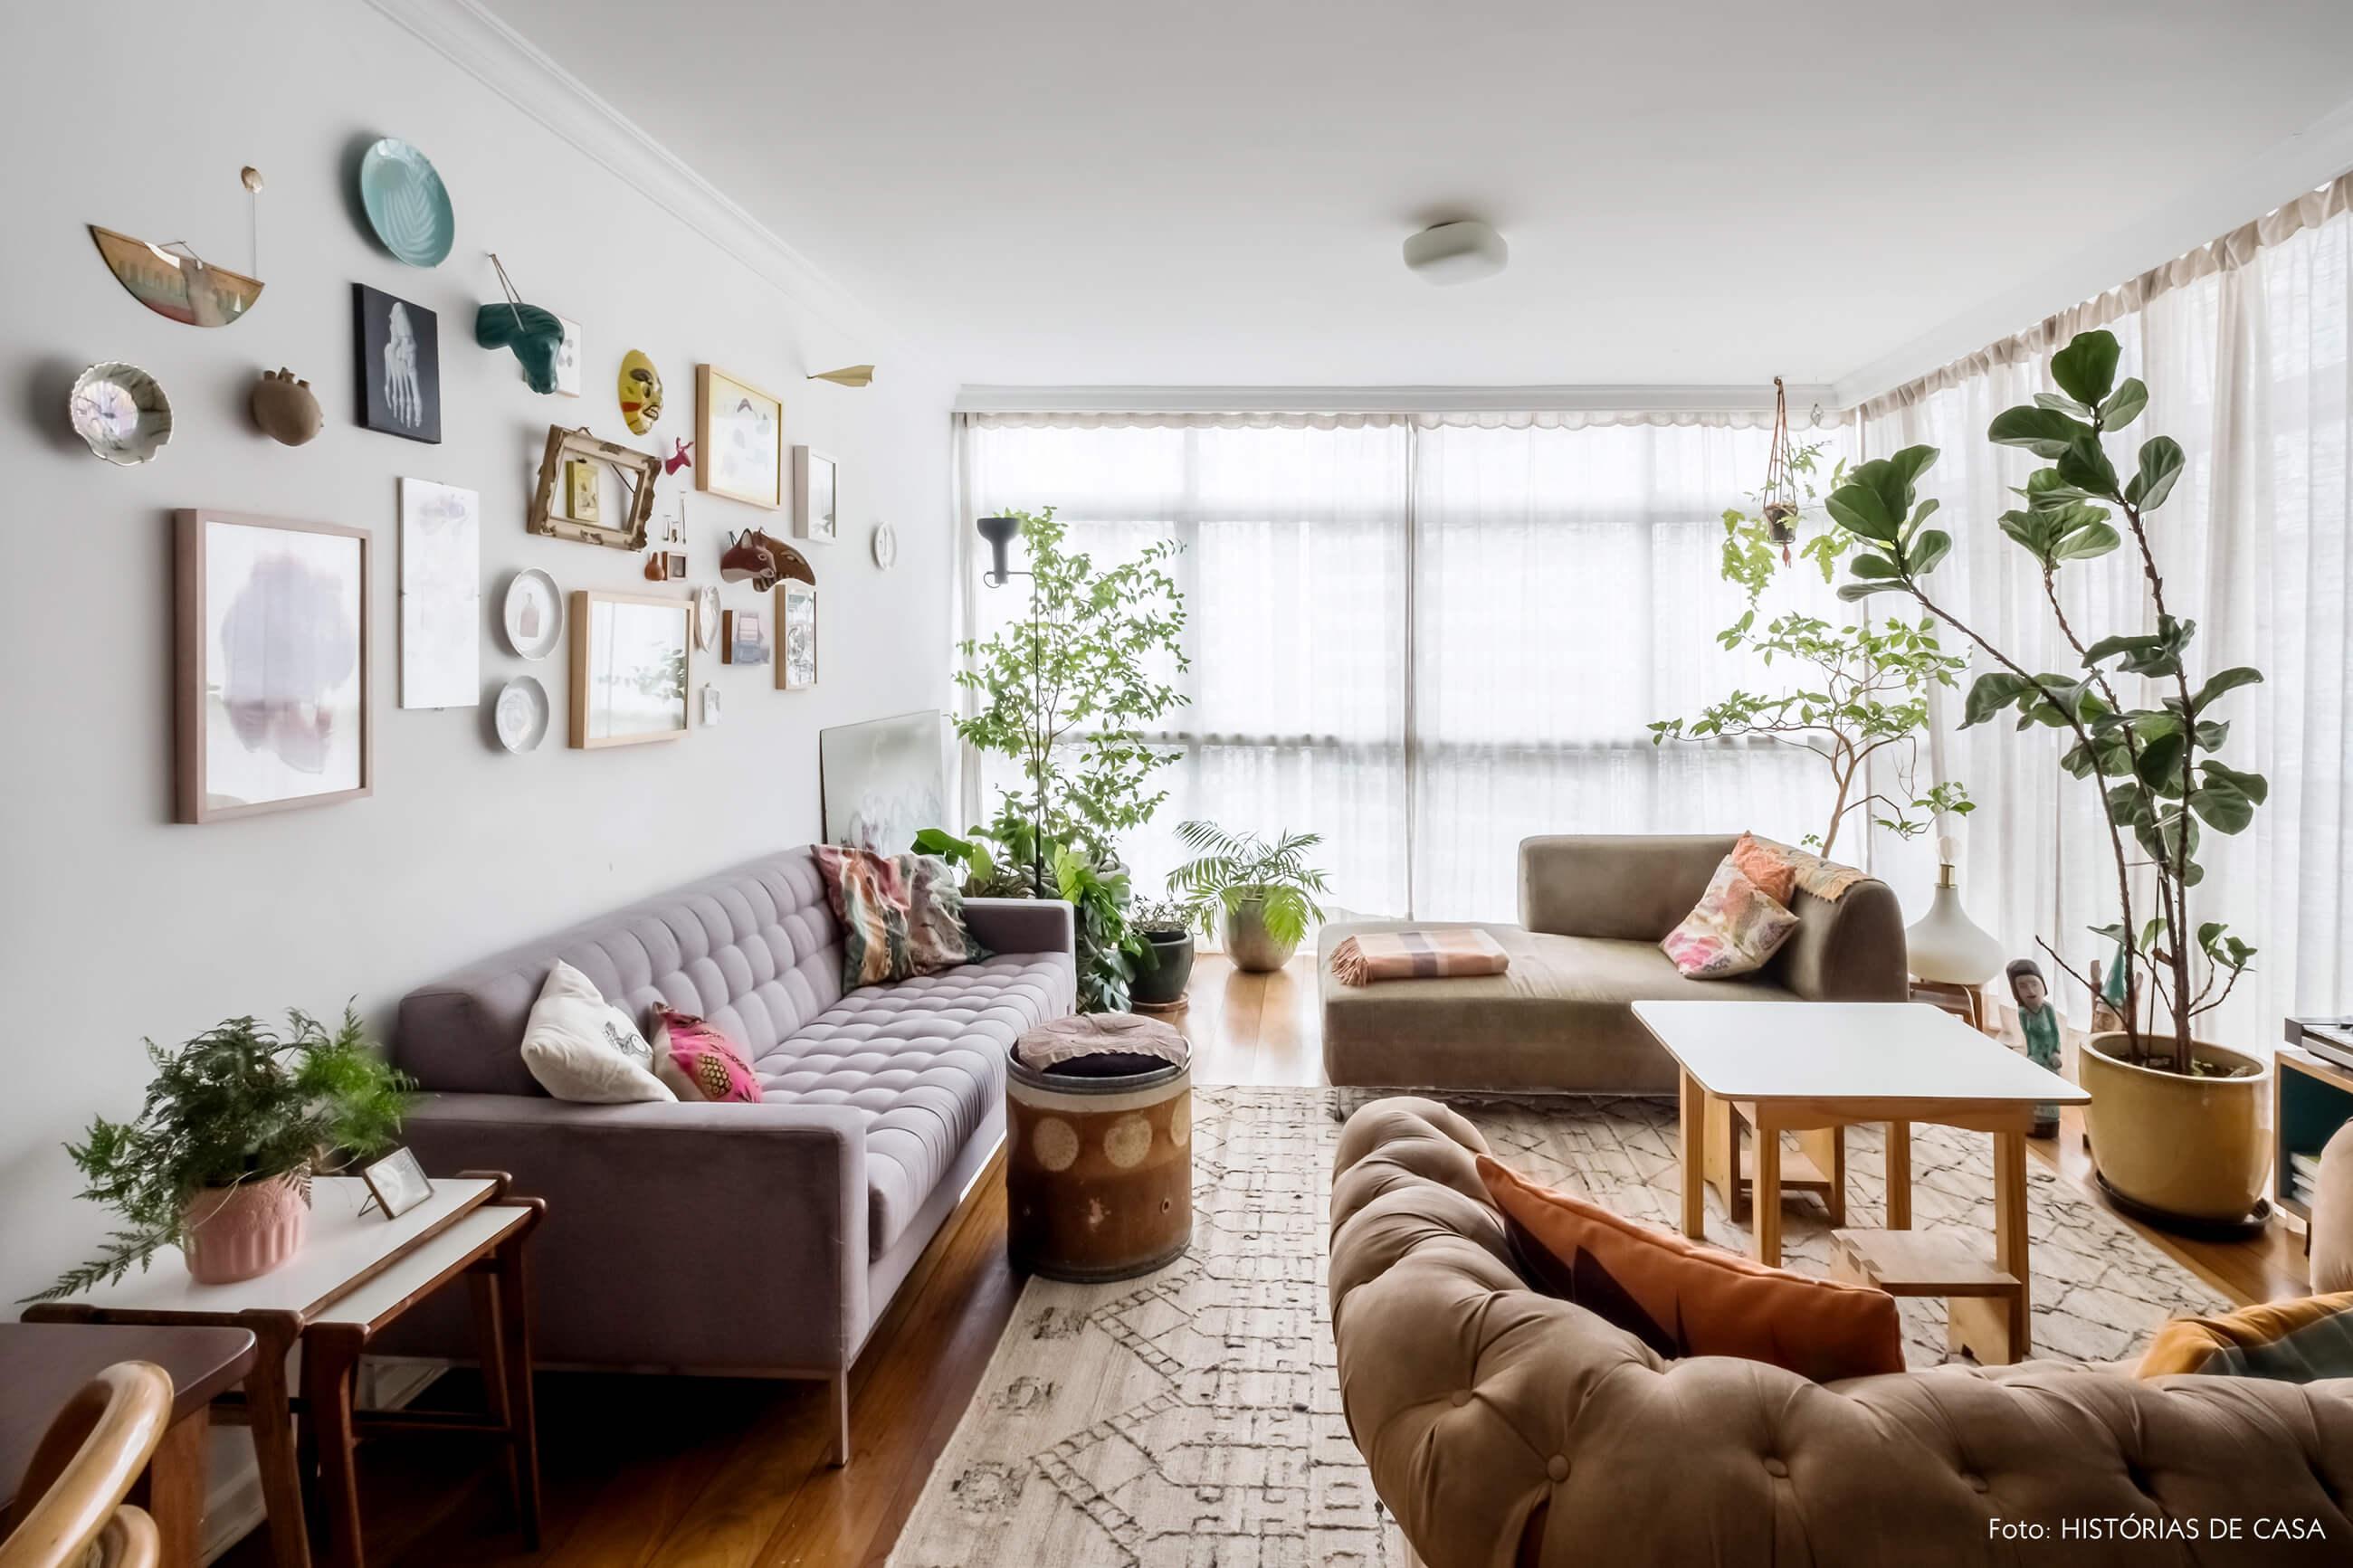 Apartamento com sala integrada e janelas do piso ao teto